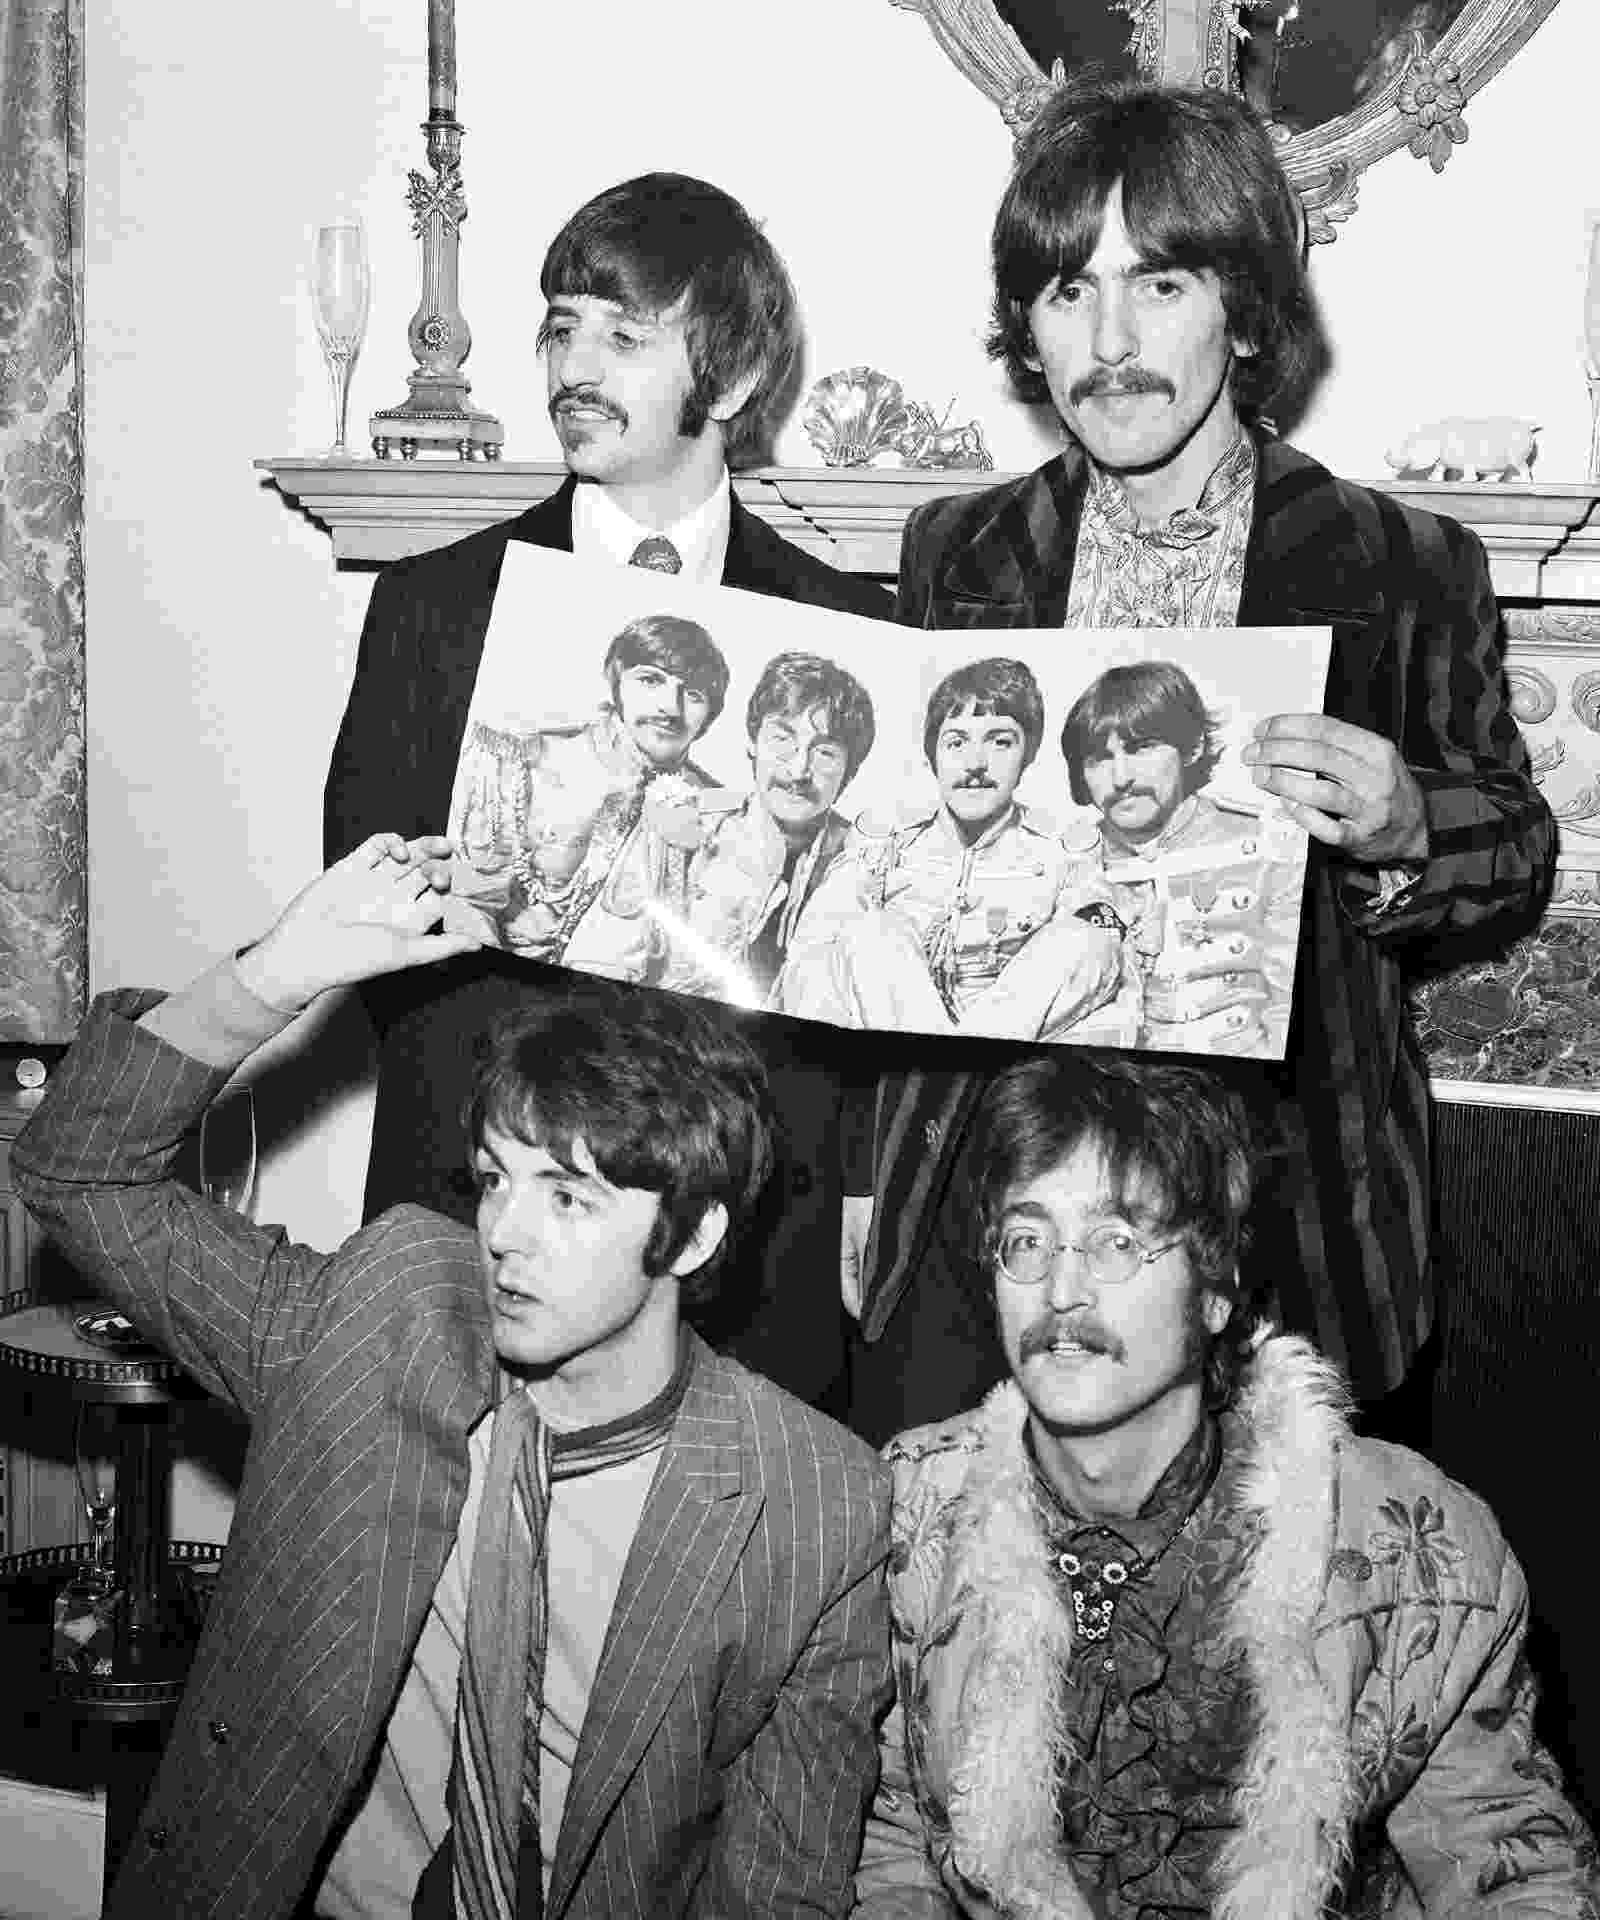 """19.mai.1967 - Os Beatles celebram a finalização de seu oitavo álbum, """"Sgt Pepper's Lonely Hearts Club Band"""", com uma entrevista coletiva na casa do empresário Brian Epstein, em Londres. O disco chegou às lojas no dia 1º de junho - Mirror Syndication International/Mirrorpix/Mirrorpix via Getty Images"""